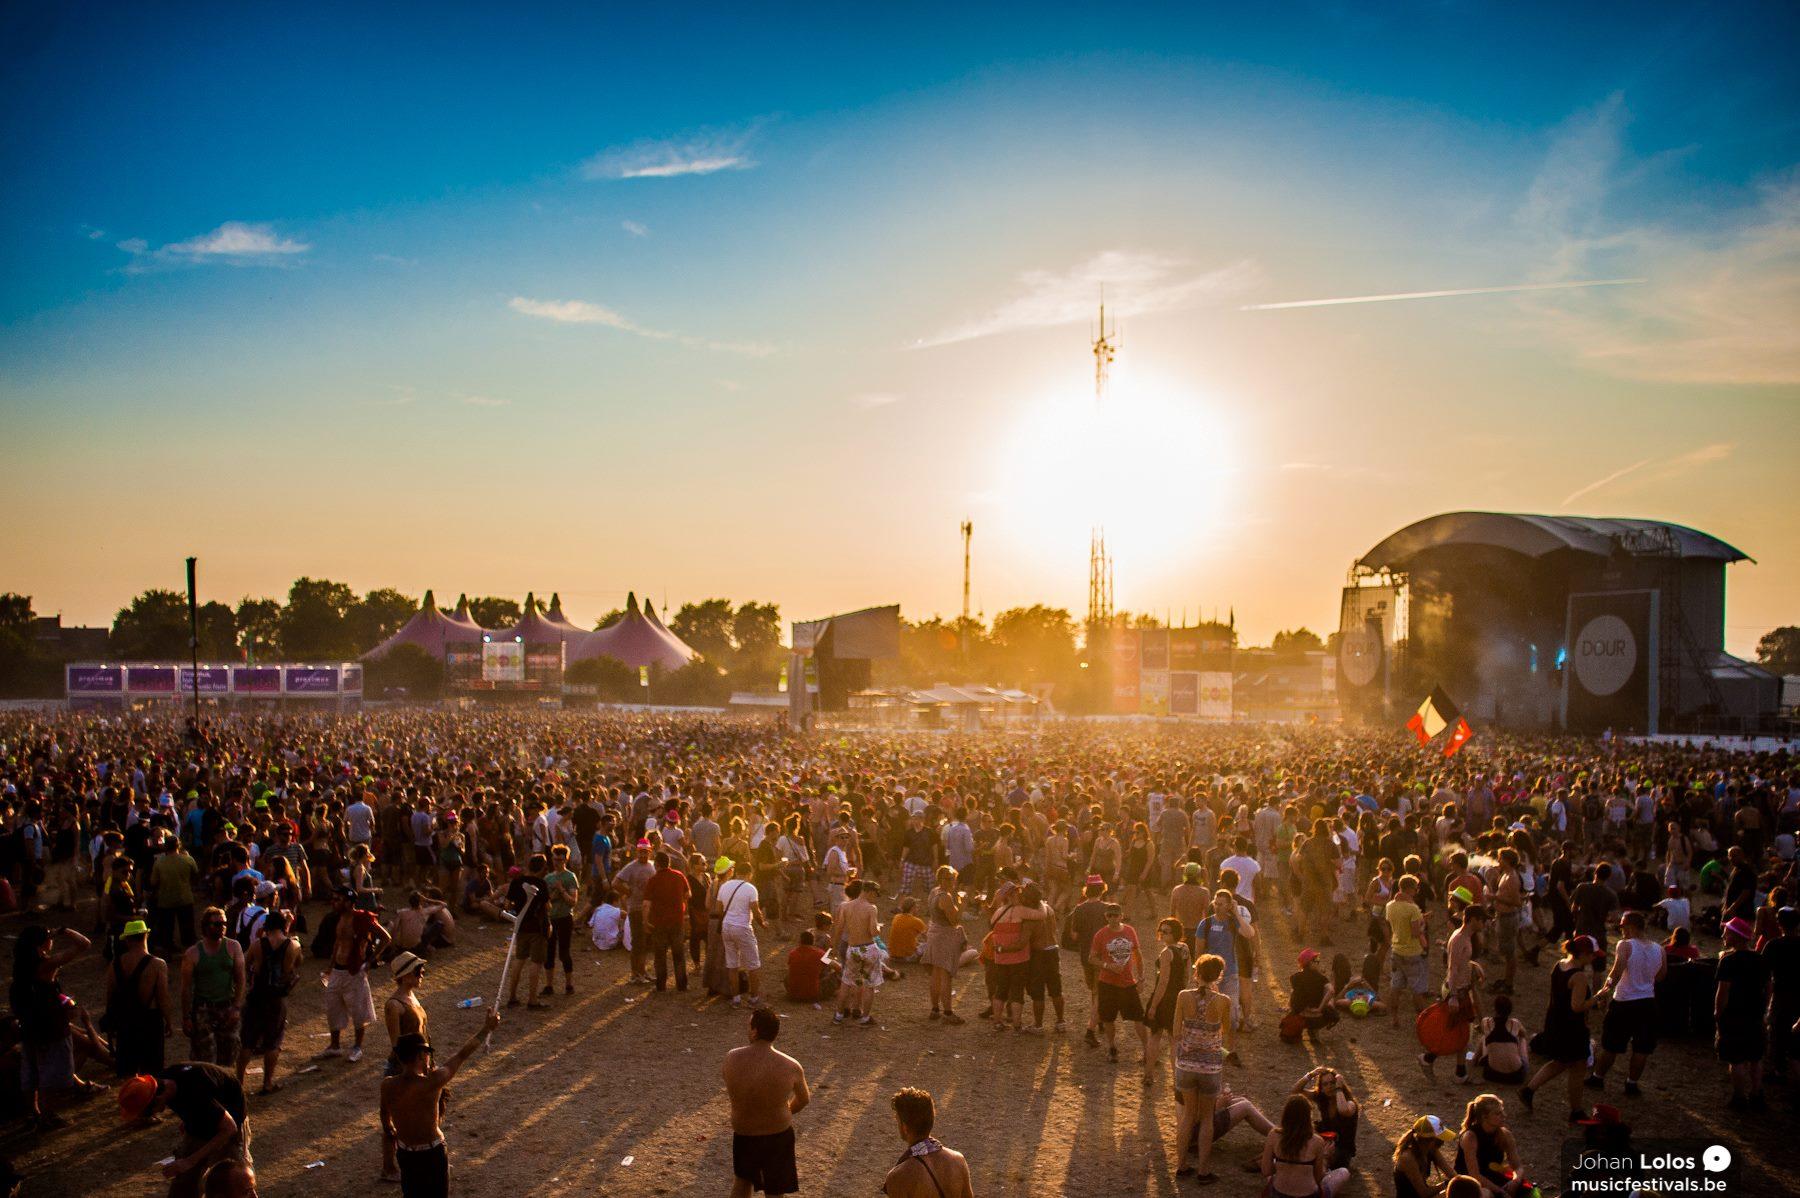 Dour / musicfestival.be / Tous droits réservés